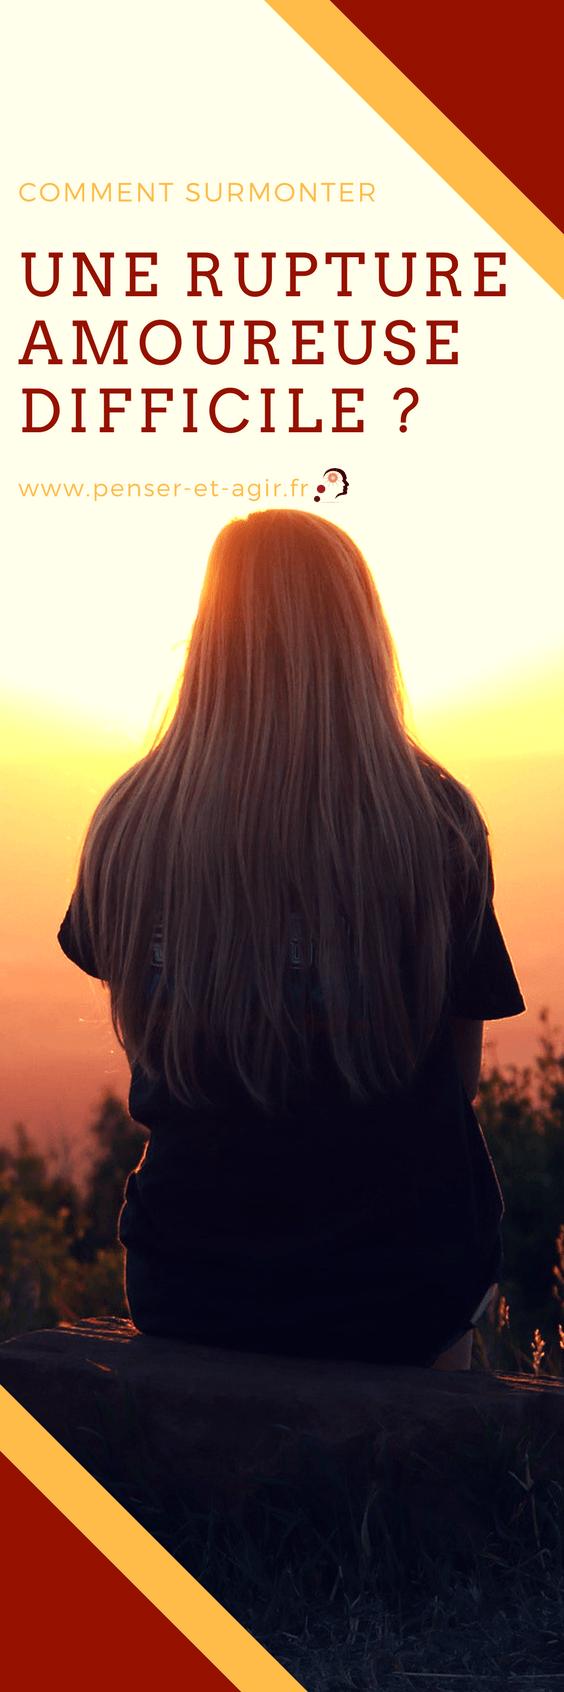 Comment surmonter une rupture amoureuse difficile ?  Découvrez exactement comment surmonter une rupture amoureuse difficile. Voici les 5 étapes qui vous permettront de comprendre et de résoudre ce problème.